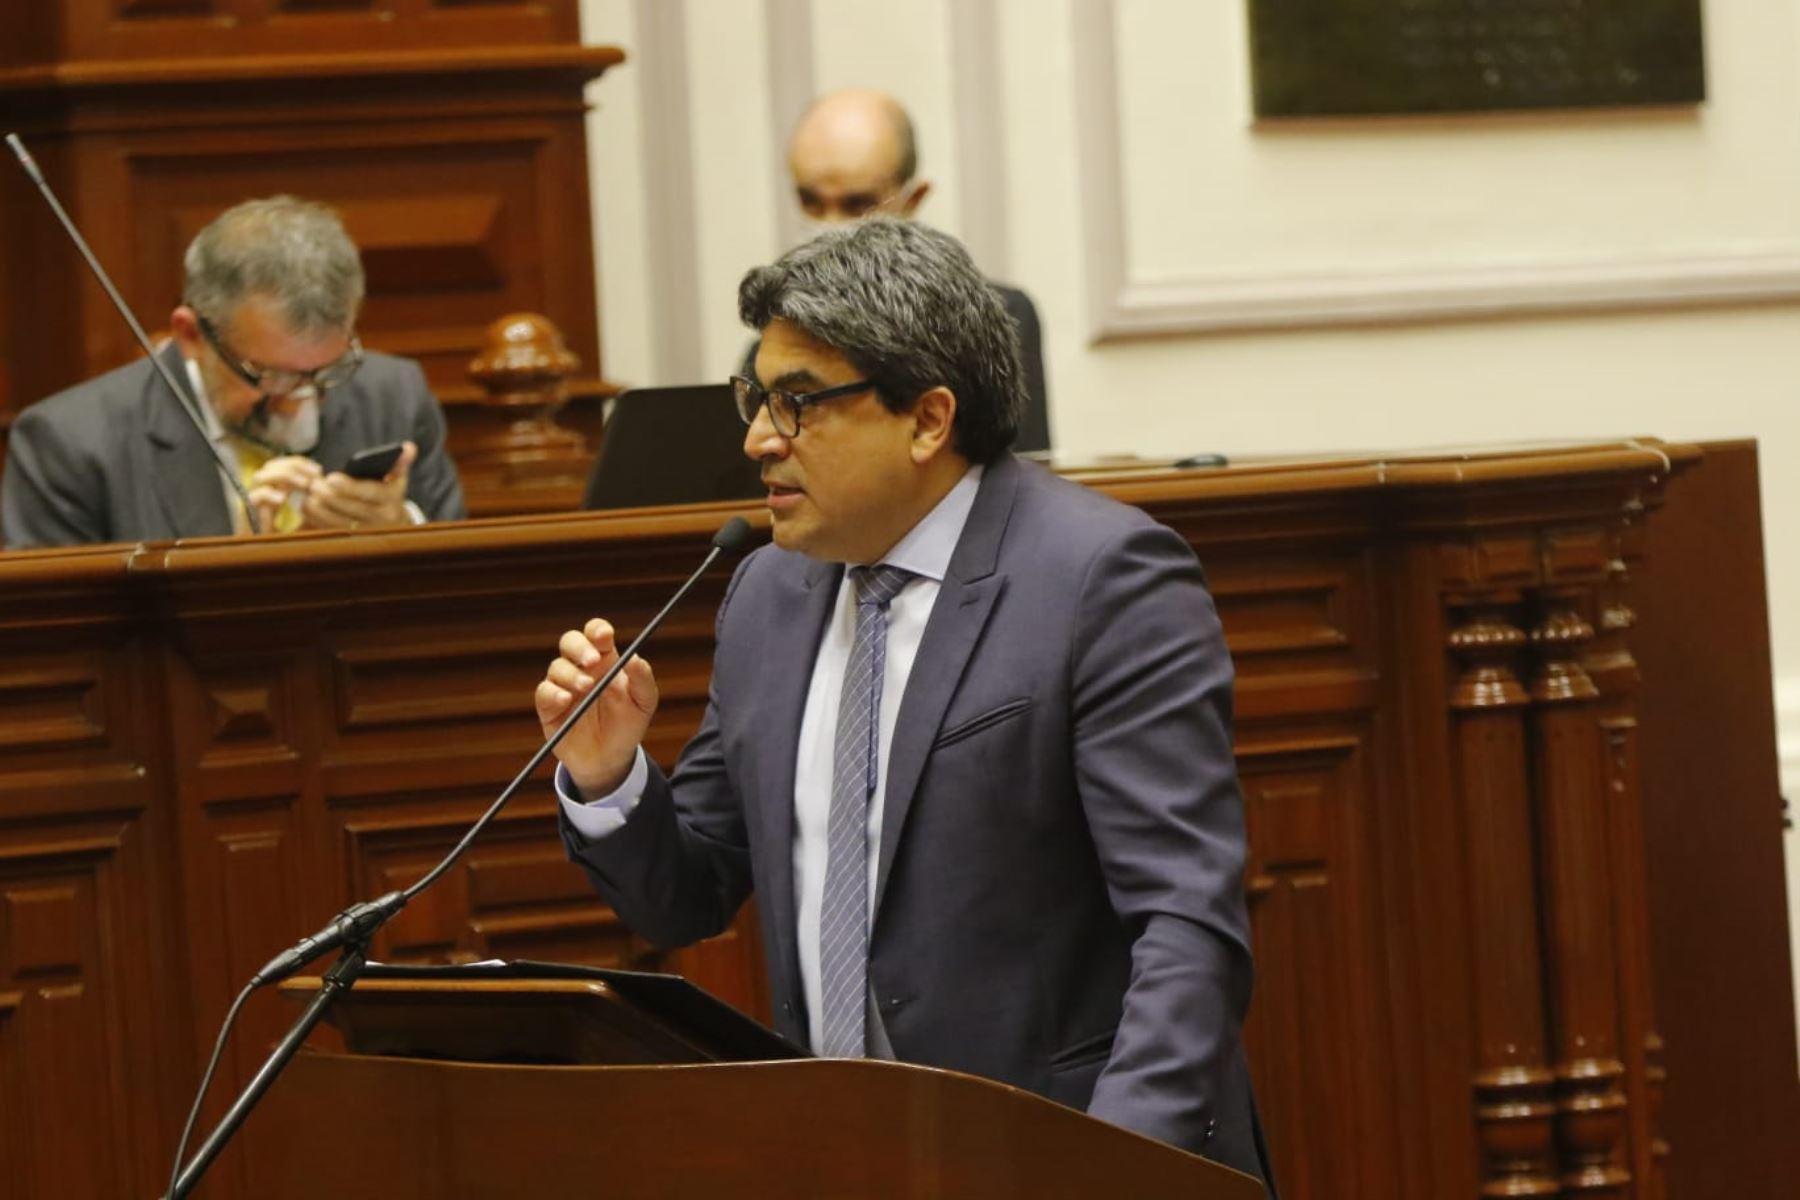 Se inició la sesión de interpelación al ministro de educación, Martín Benavides. Foto: Congreso de la República